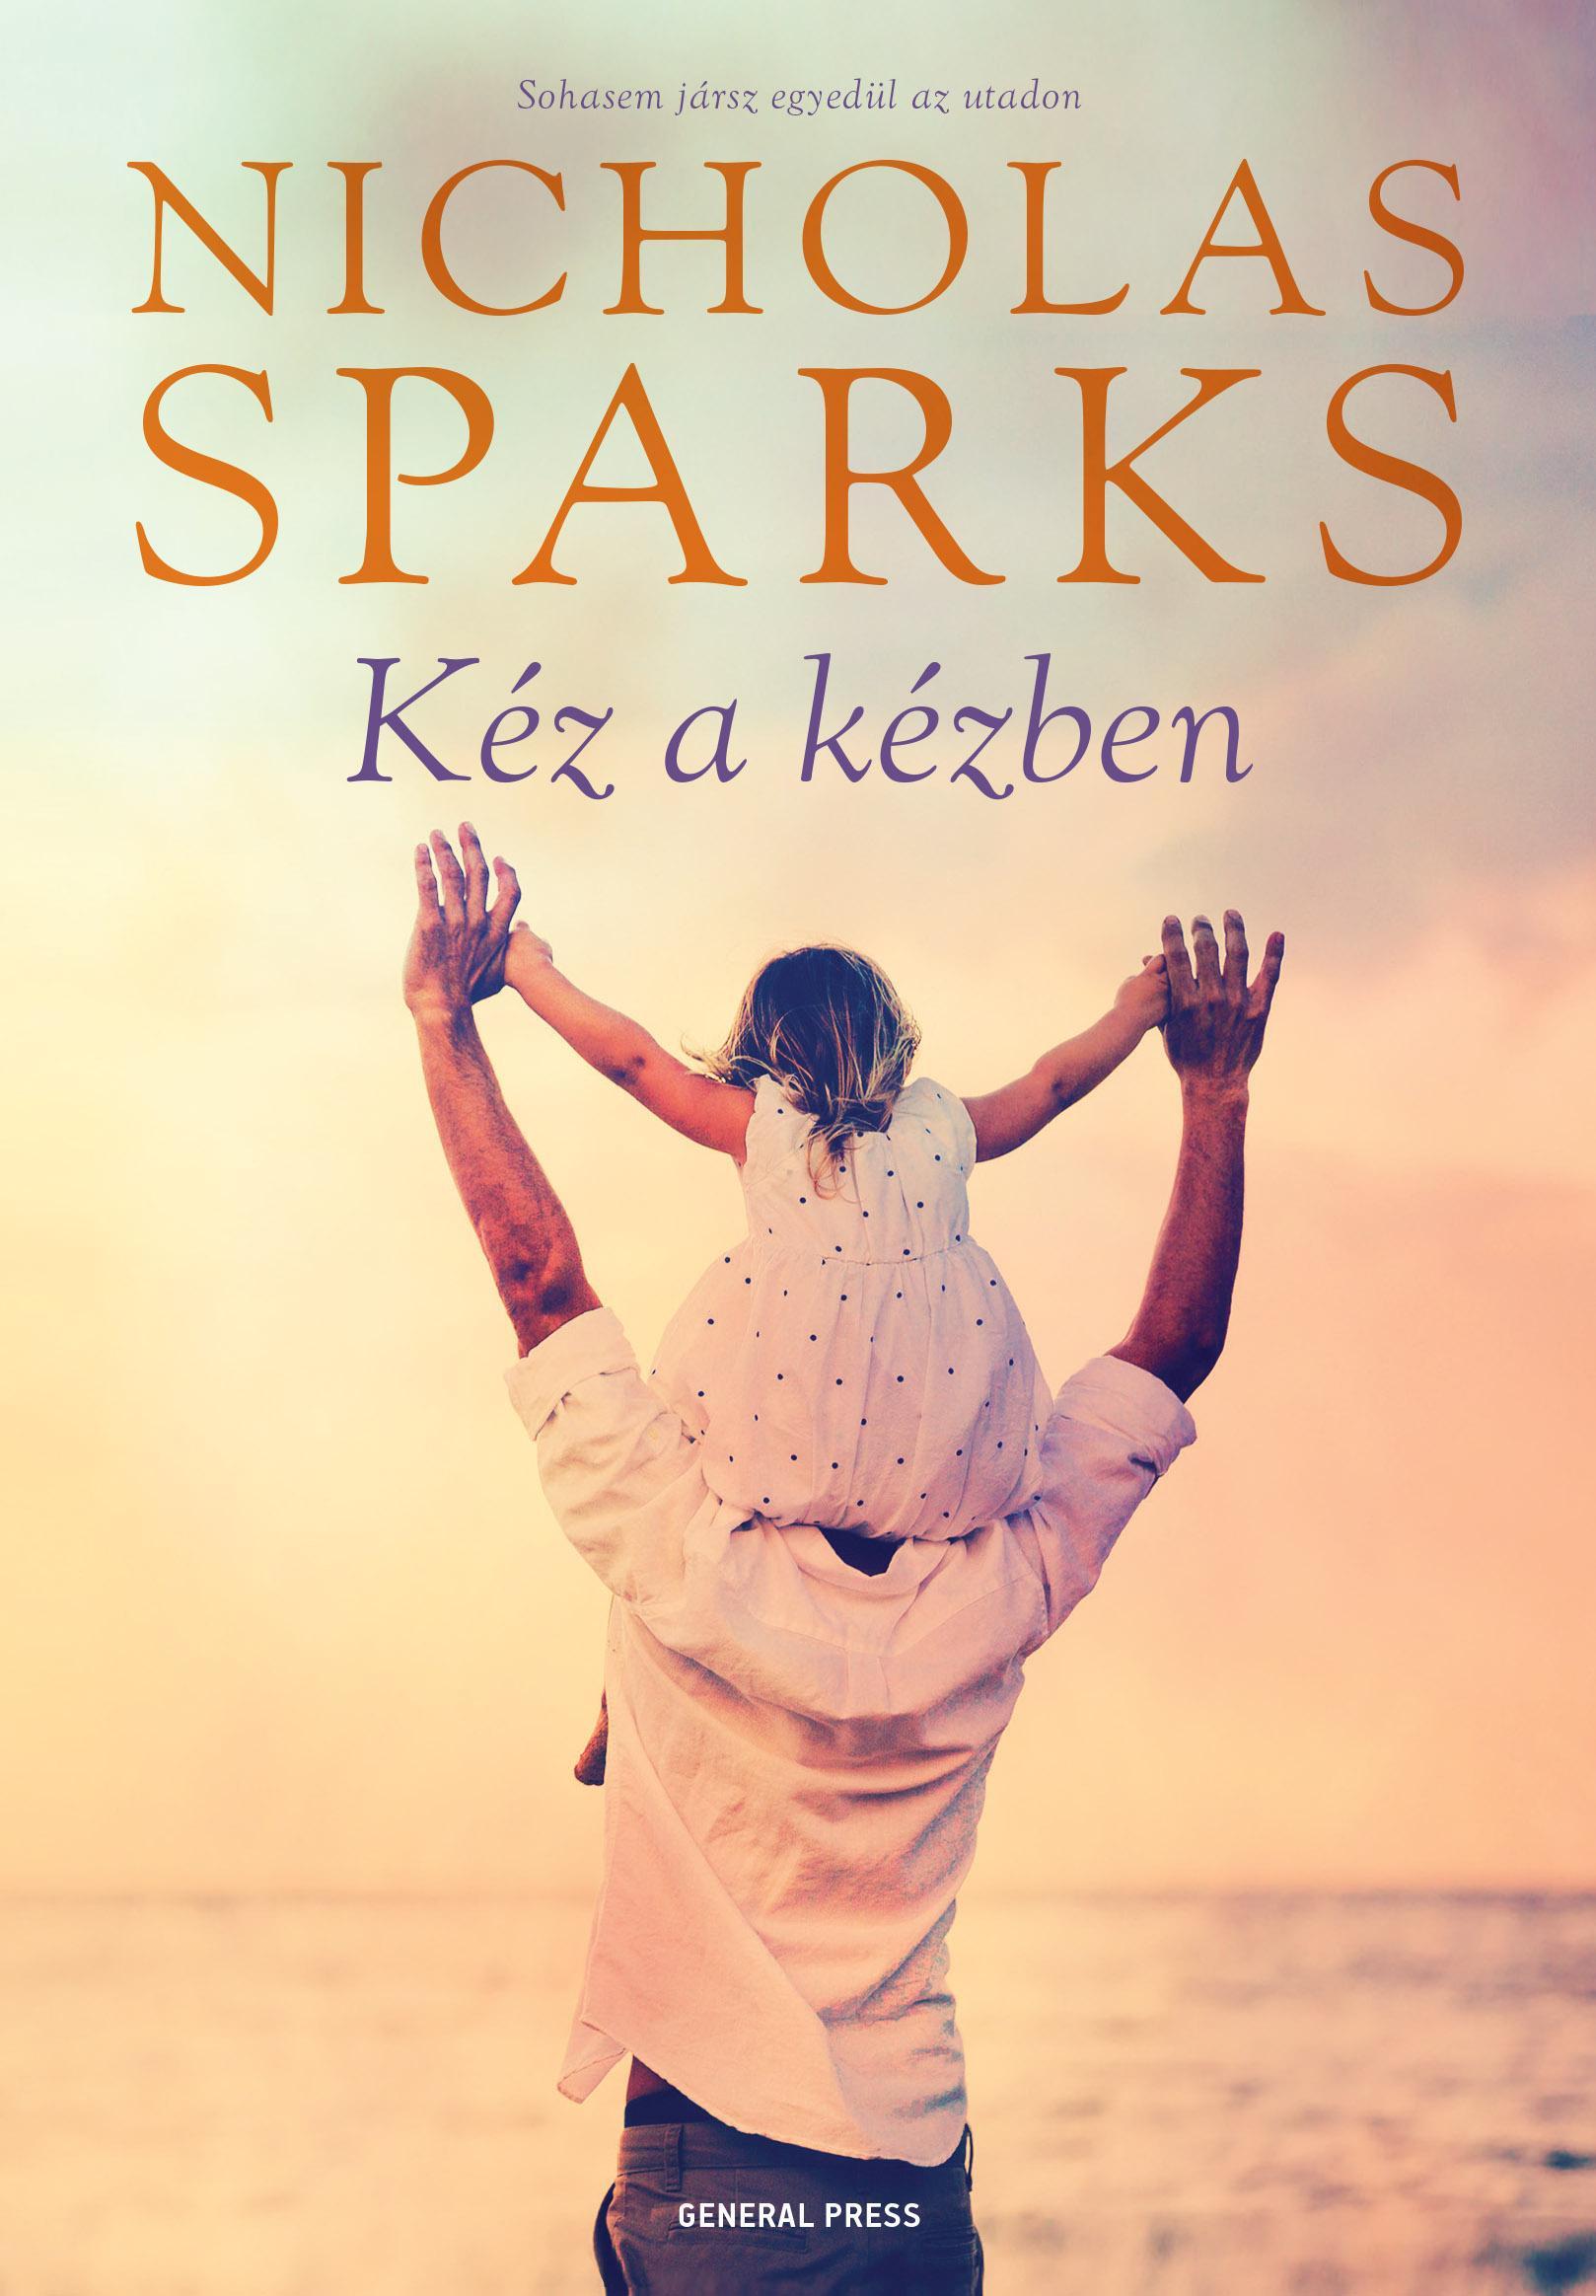 Nicholas Sparks - Kéz a kézben